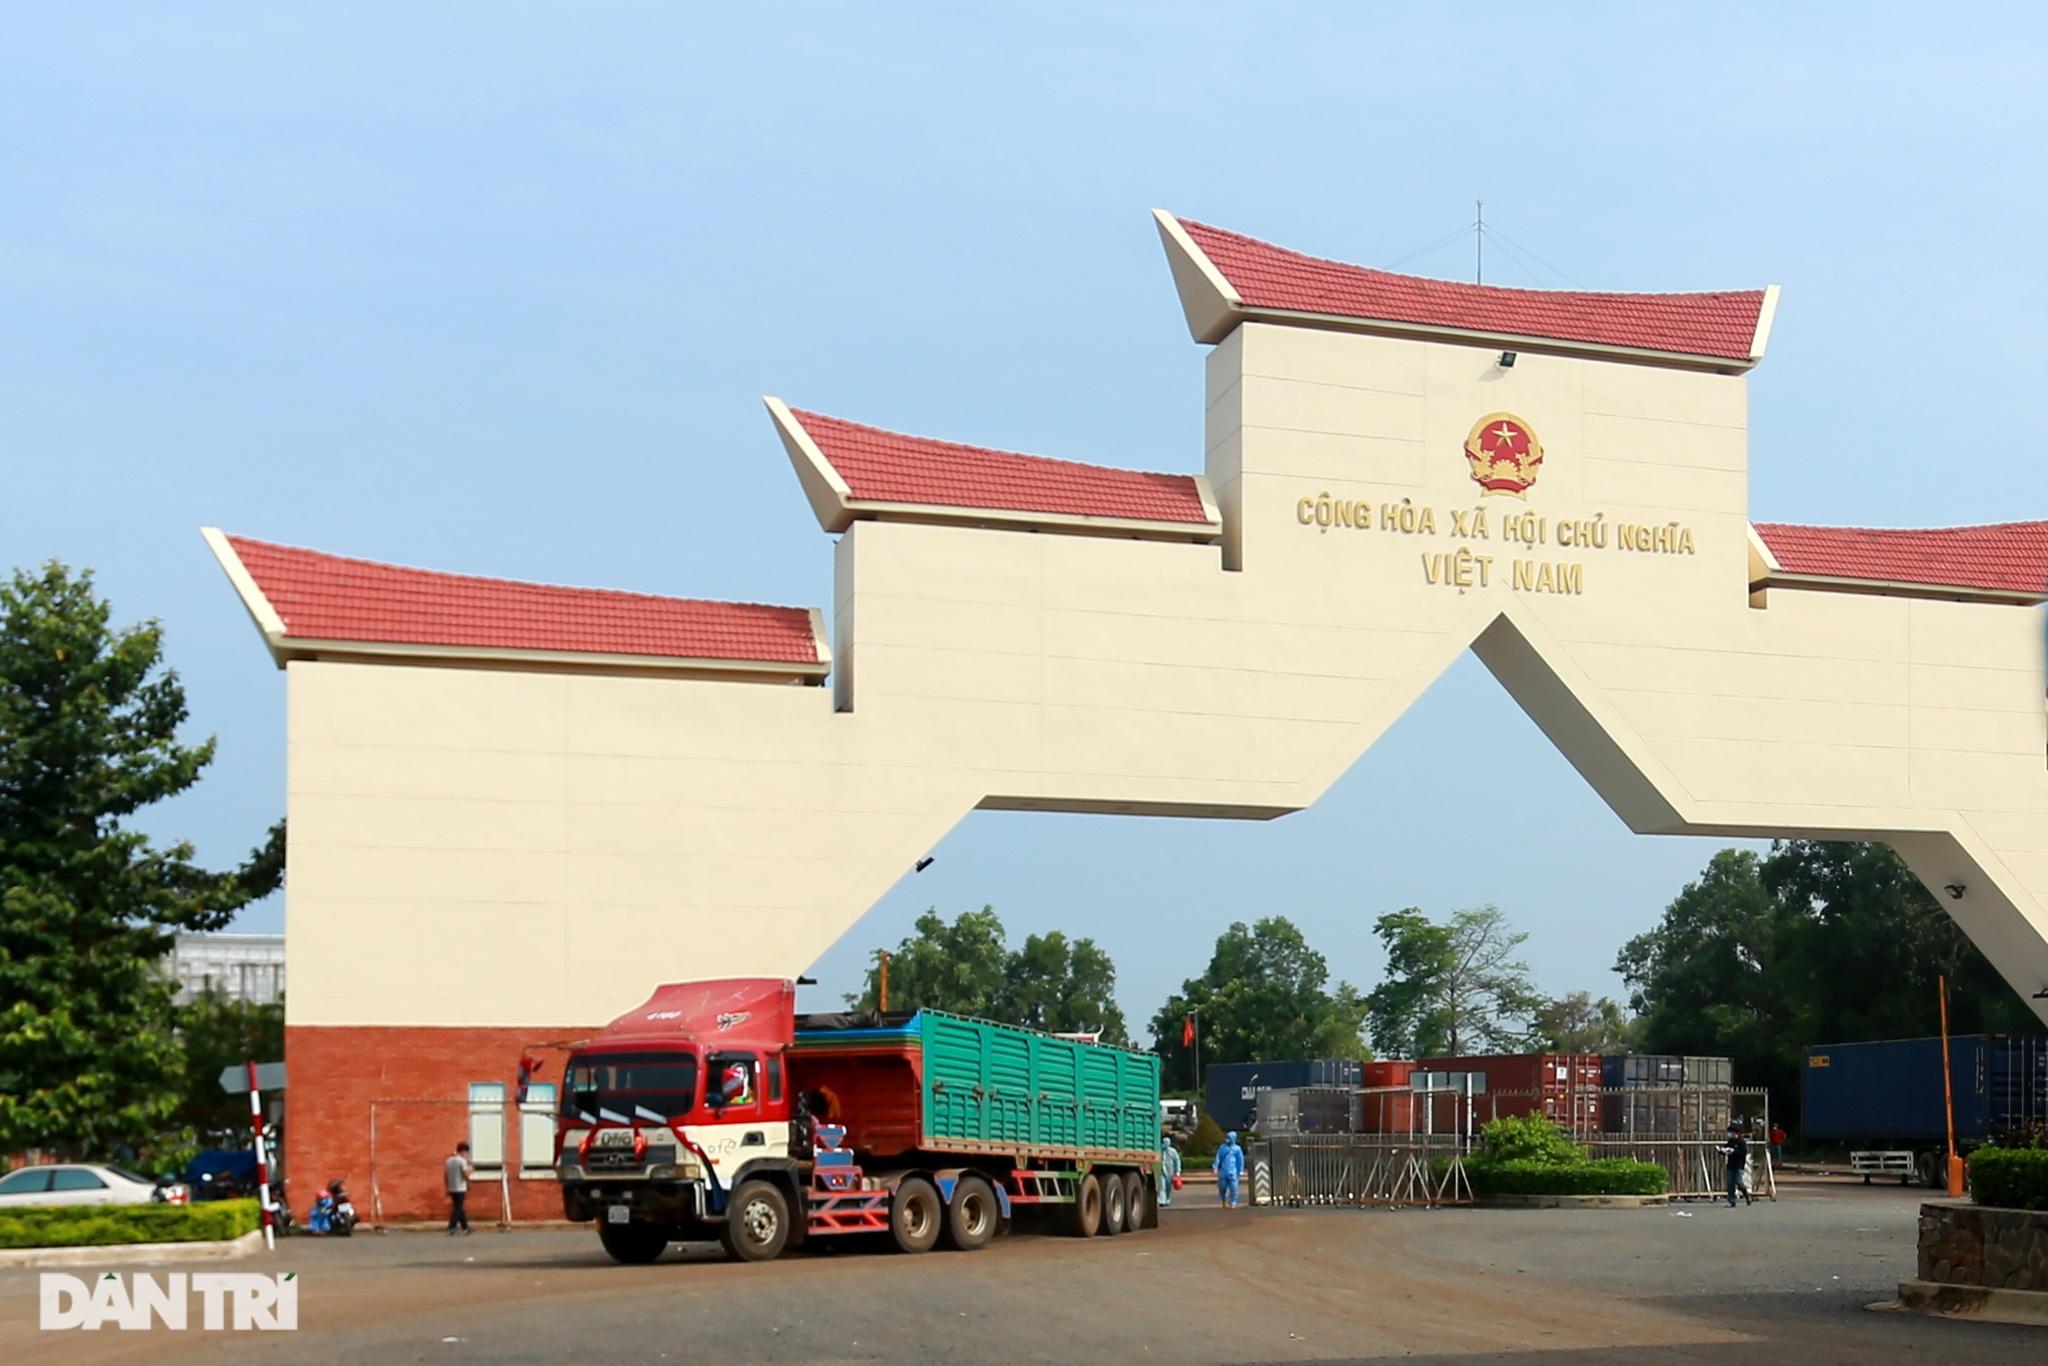 Biệt đội đánh xe thuê ở cửa khẩu biên giới Tây Ninh với Campuchia - 15